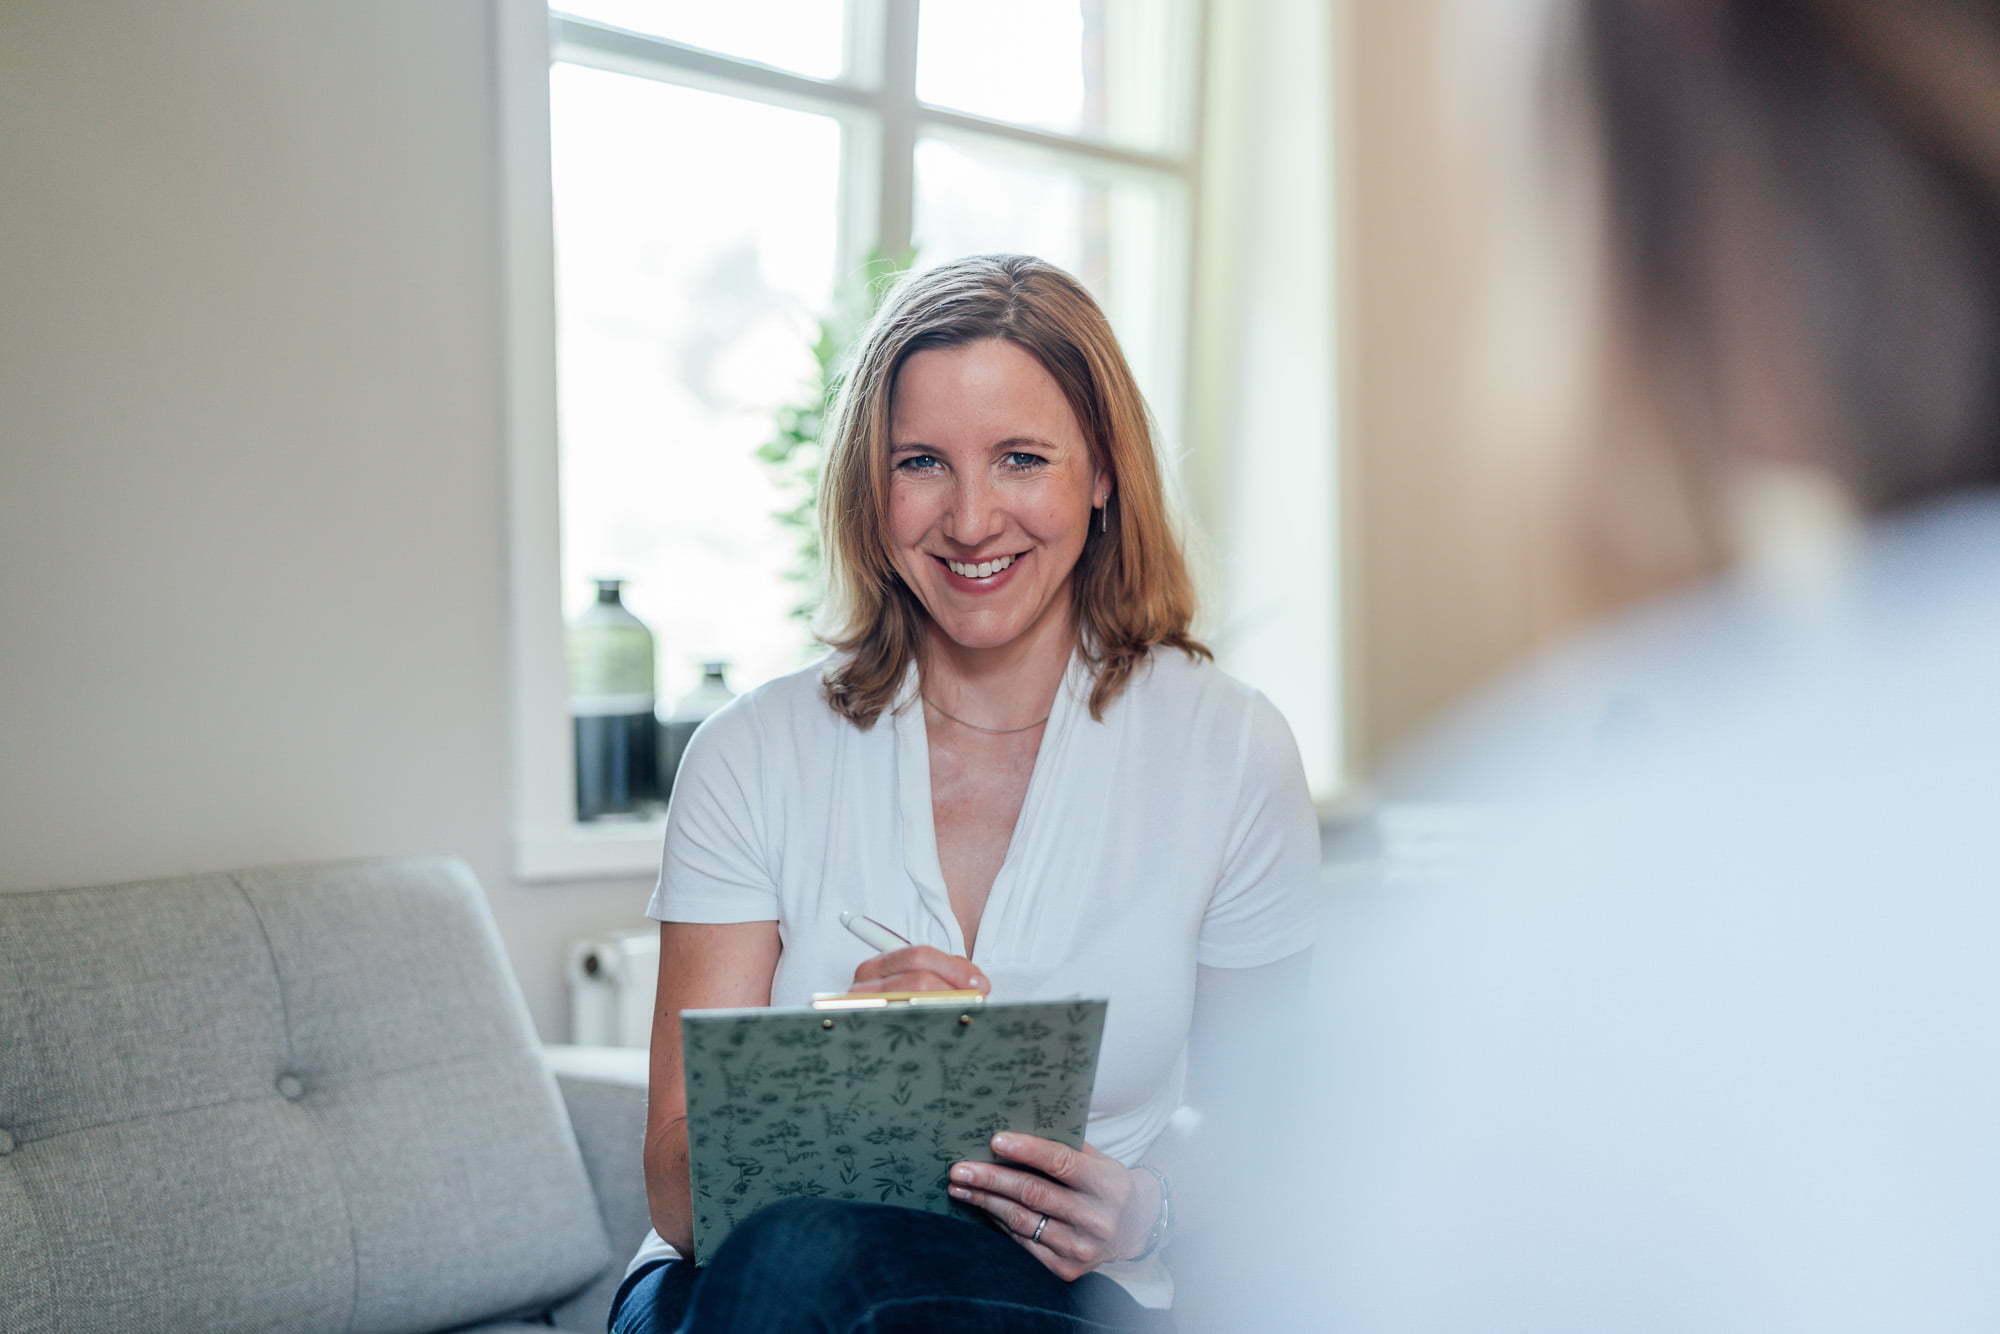 Frau sitzt mit Klemmbrett auf dem Sofa und schaut in die Kamera